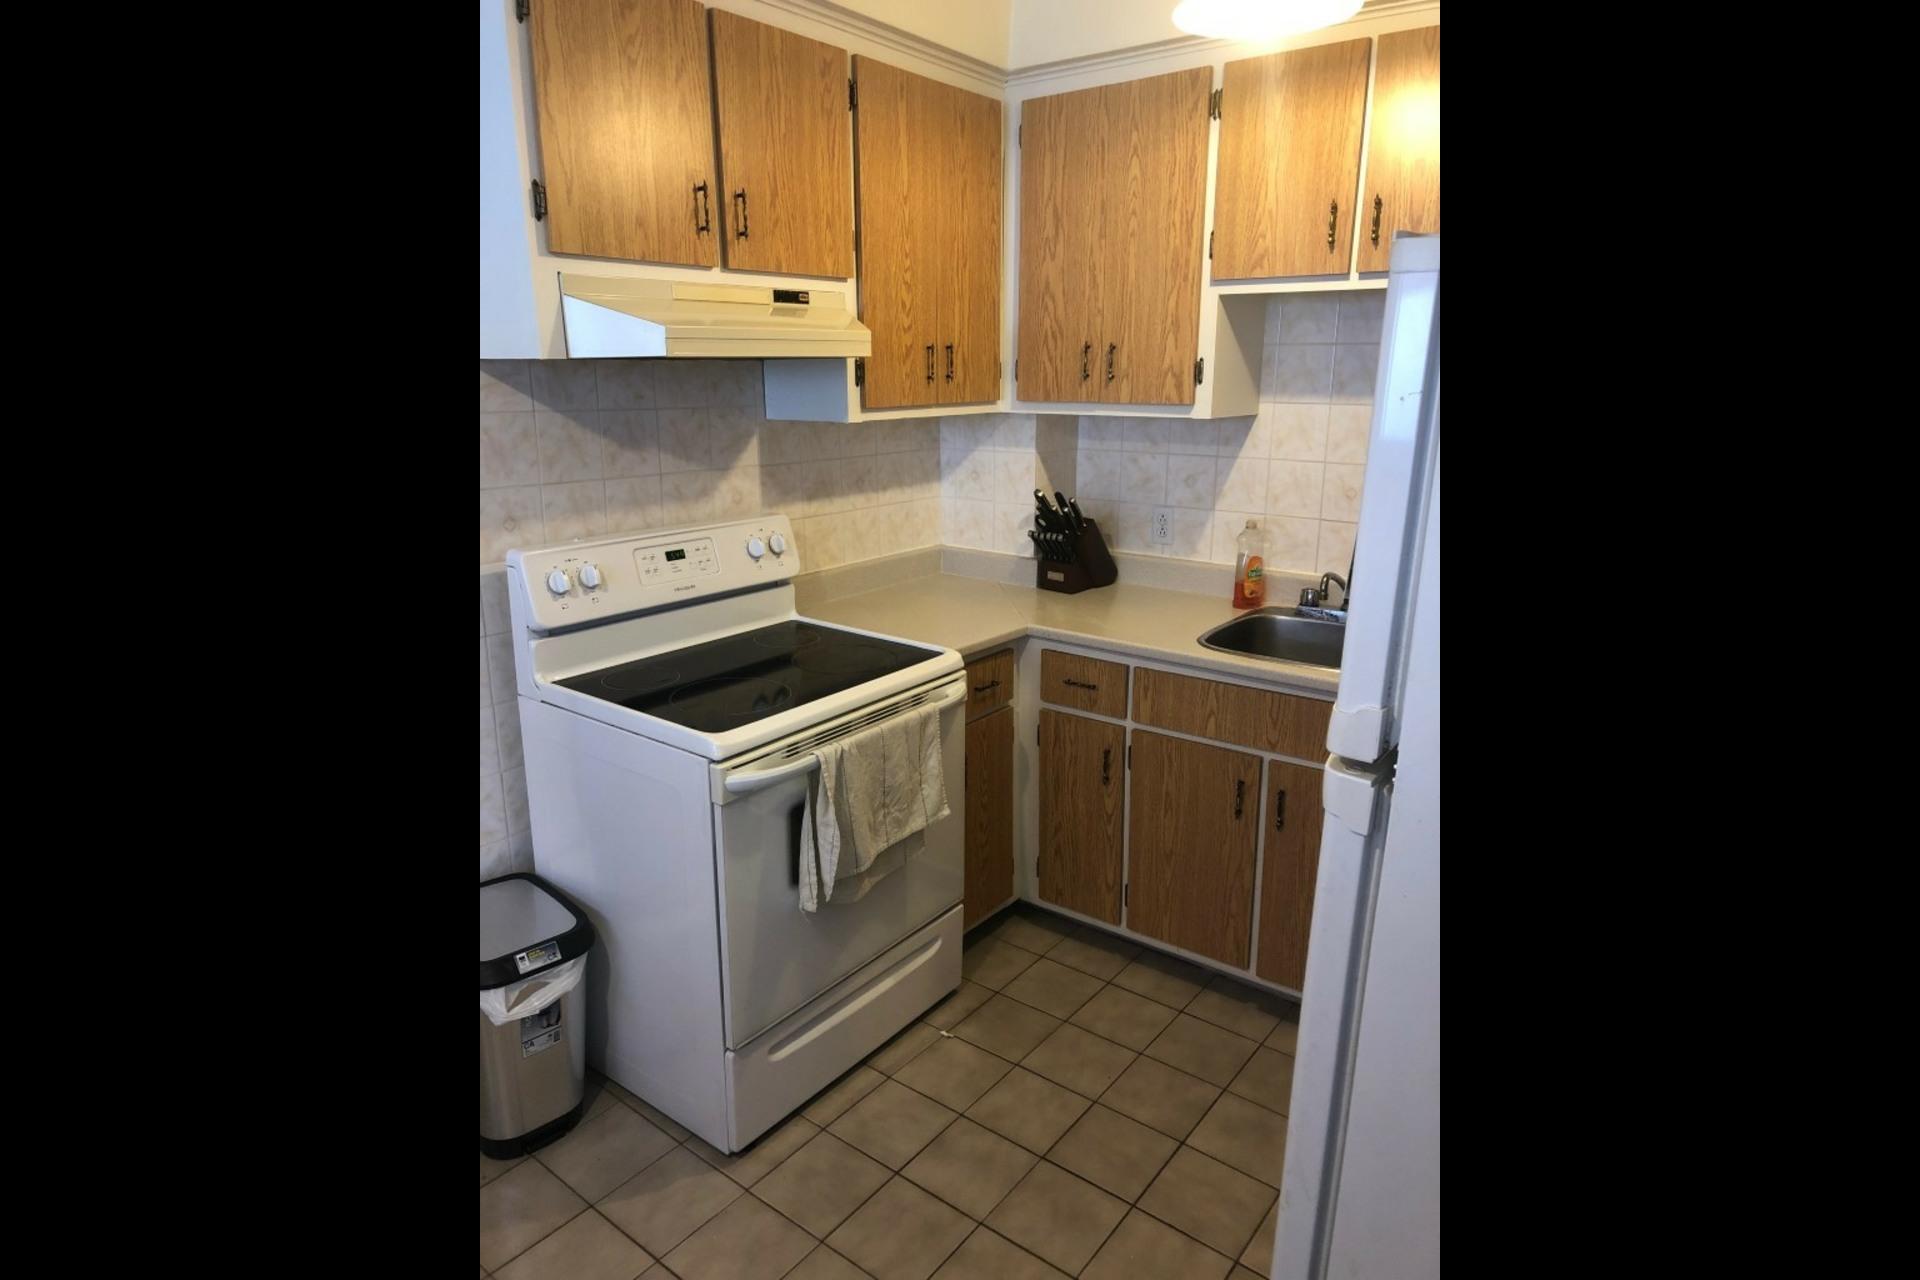 image 2 - Appartement À louer Montréal Saint-Leonard - 3 pièces